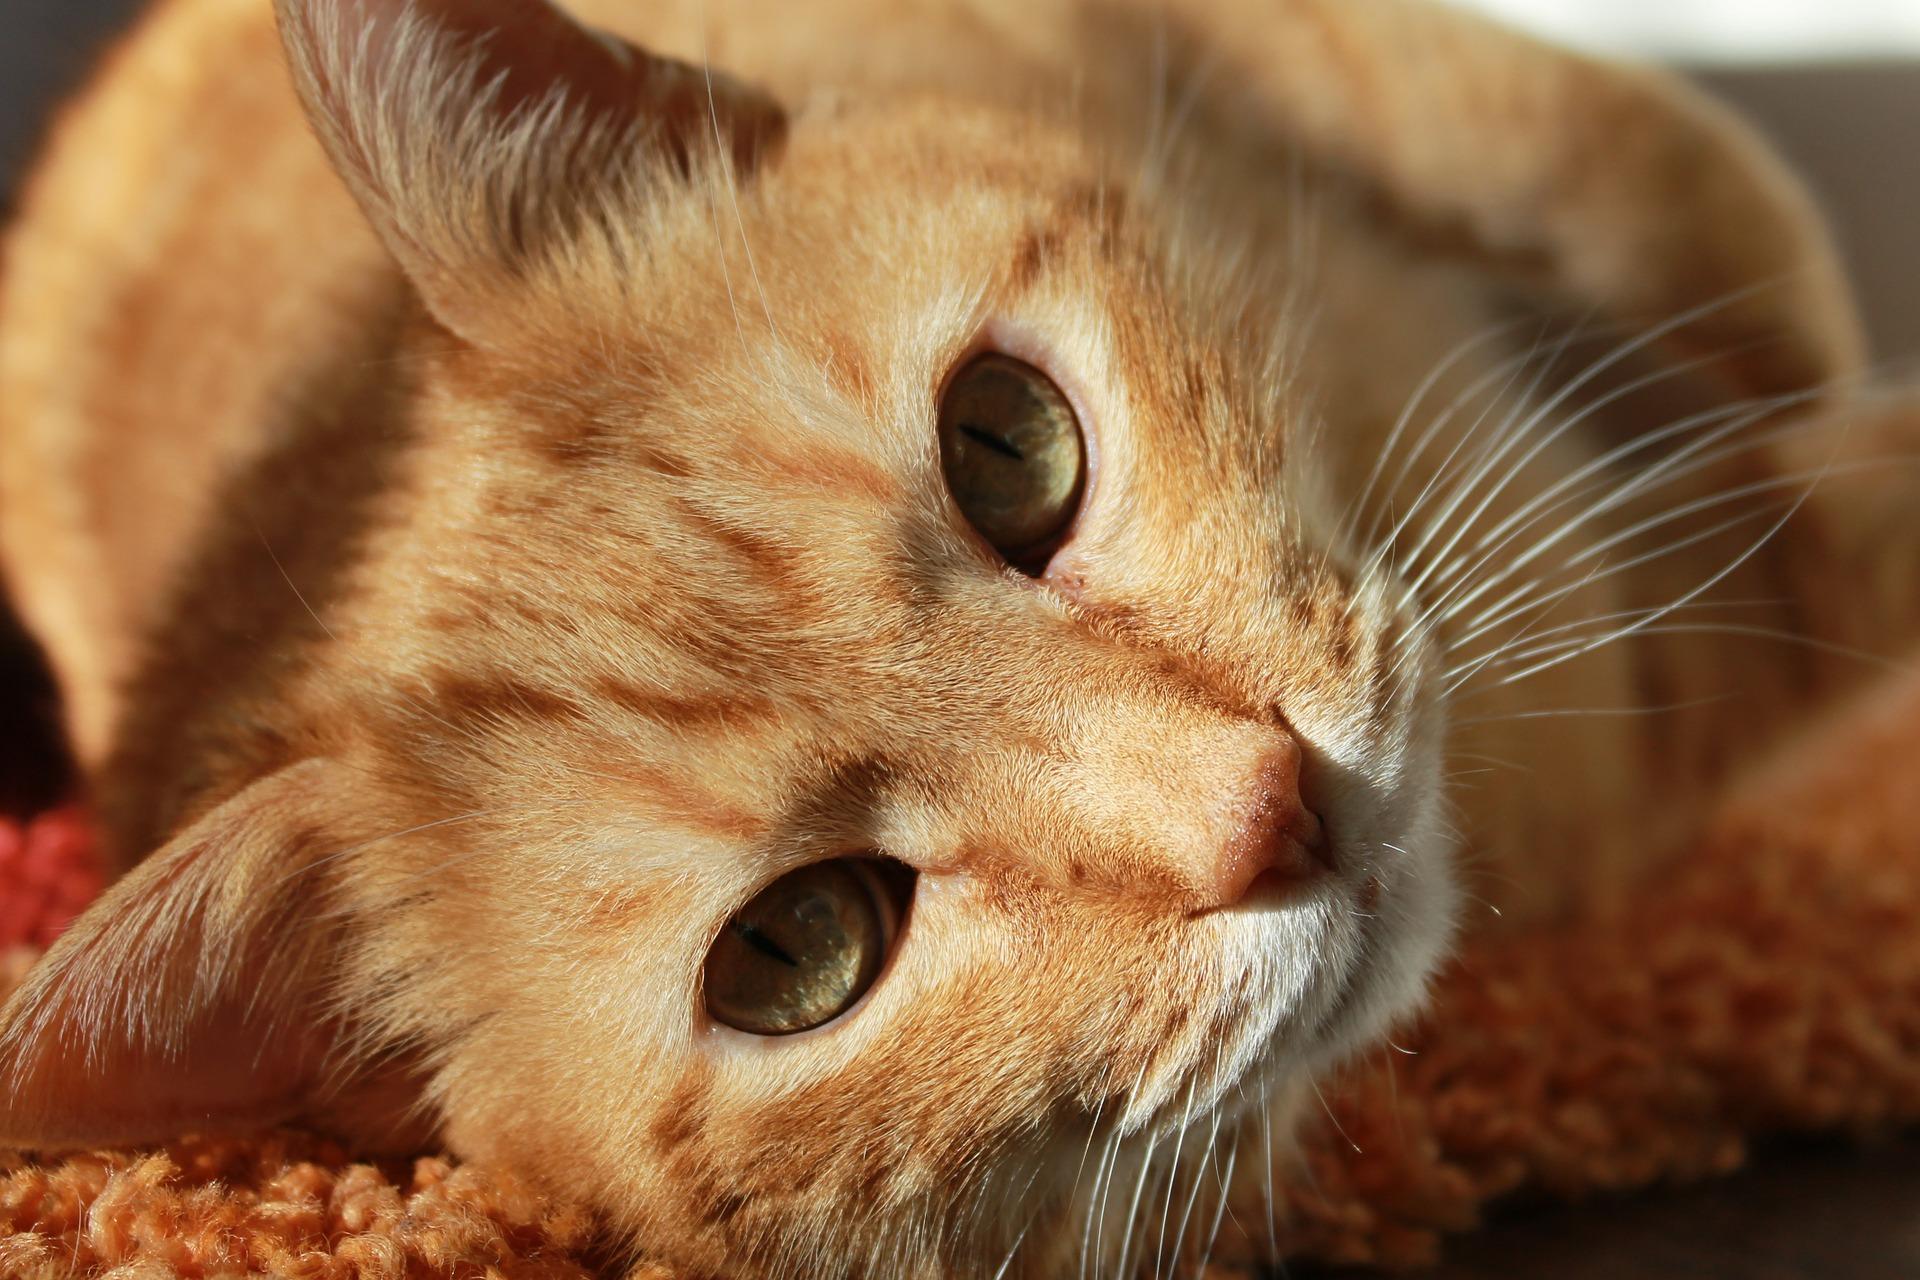 gatto, Animale domestico, sguardo, occhi, amico, Brown - Sfondi HD - Professor-falken.com